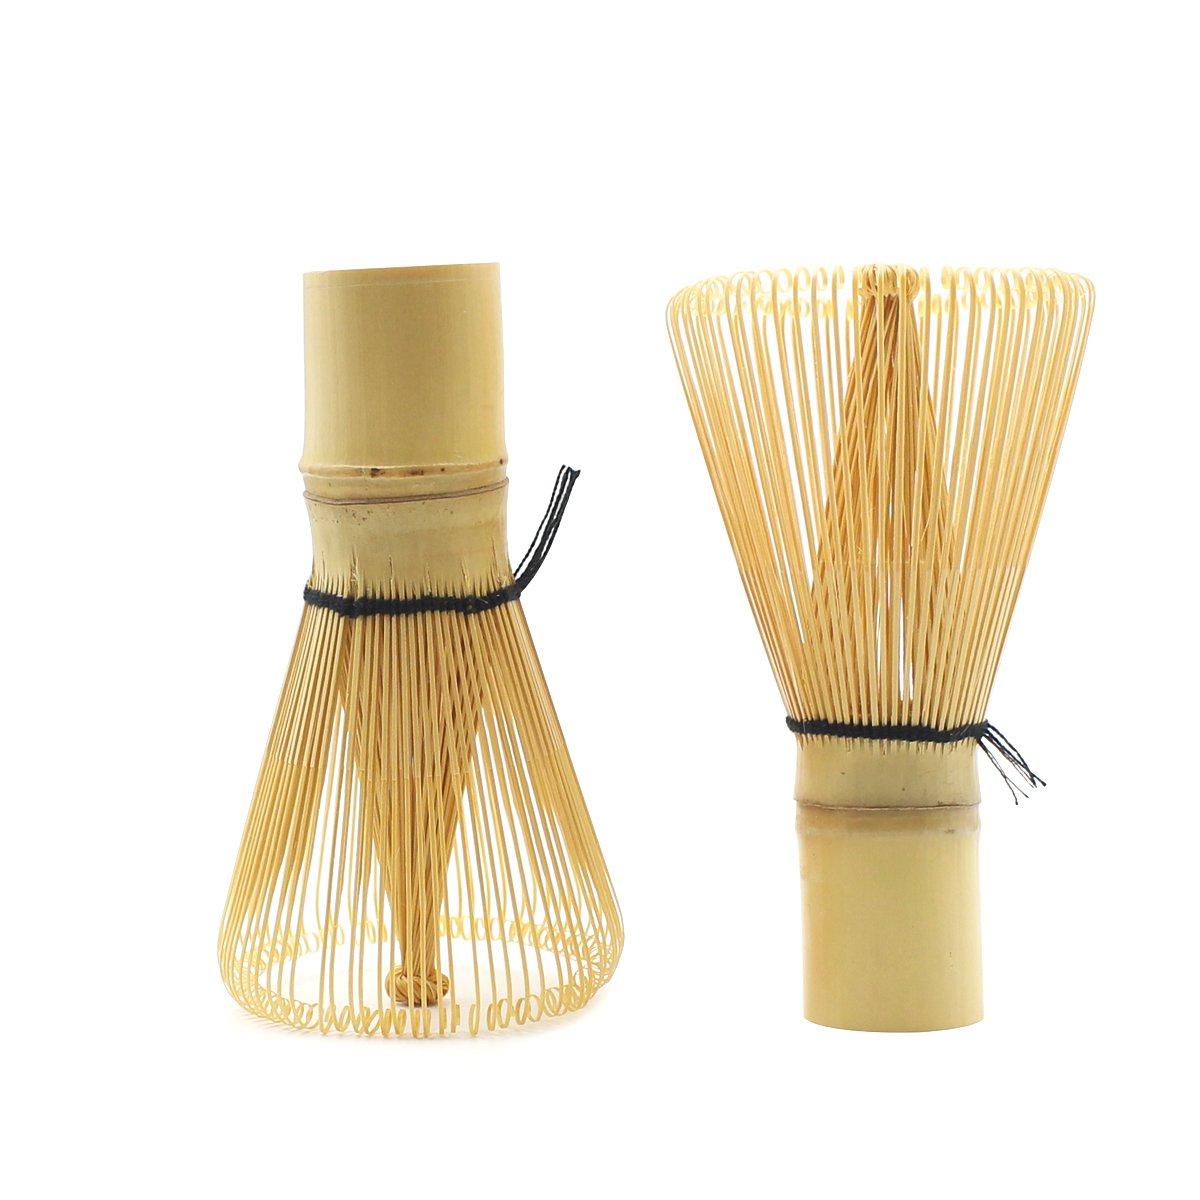 Ulable bamb/ú 60-70//70-75//75-80 varillas 60-70 prongs Herramienta de bamb/ú chasen para batir t/é matcha en polvo accesorio para la ceremonia del t/é japonesa